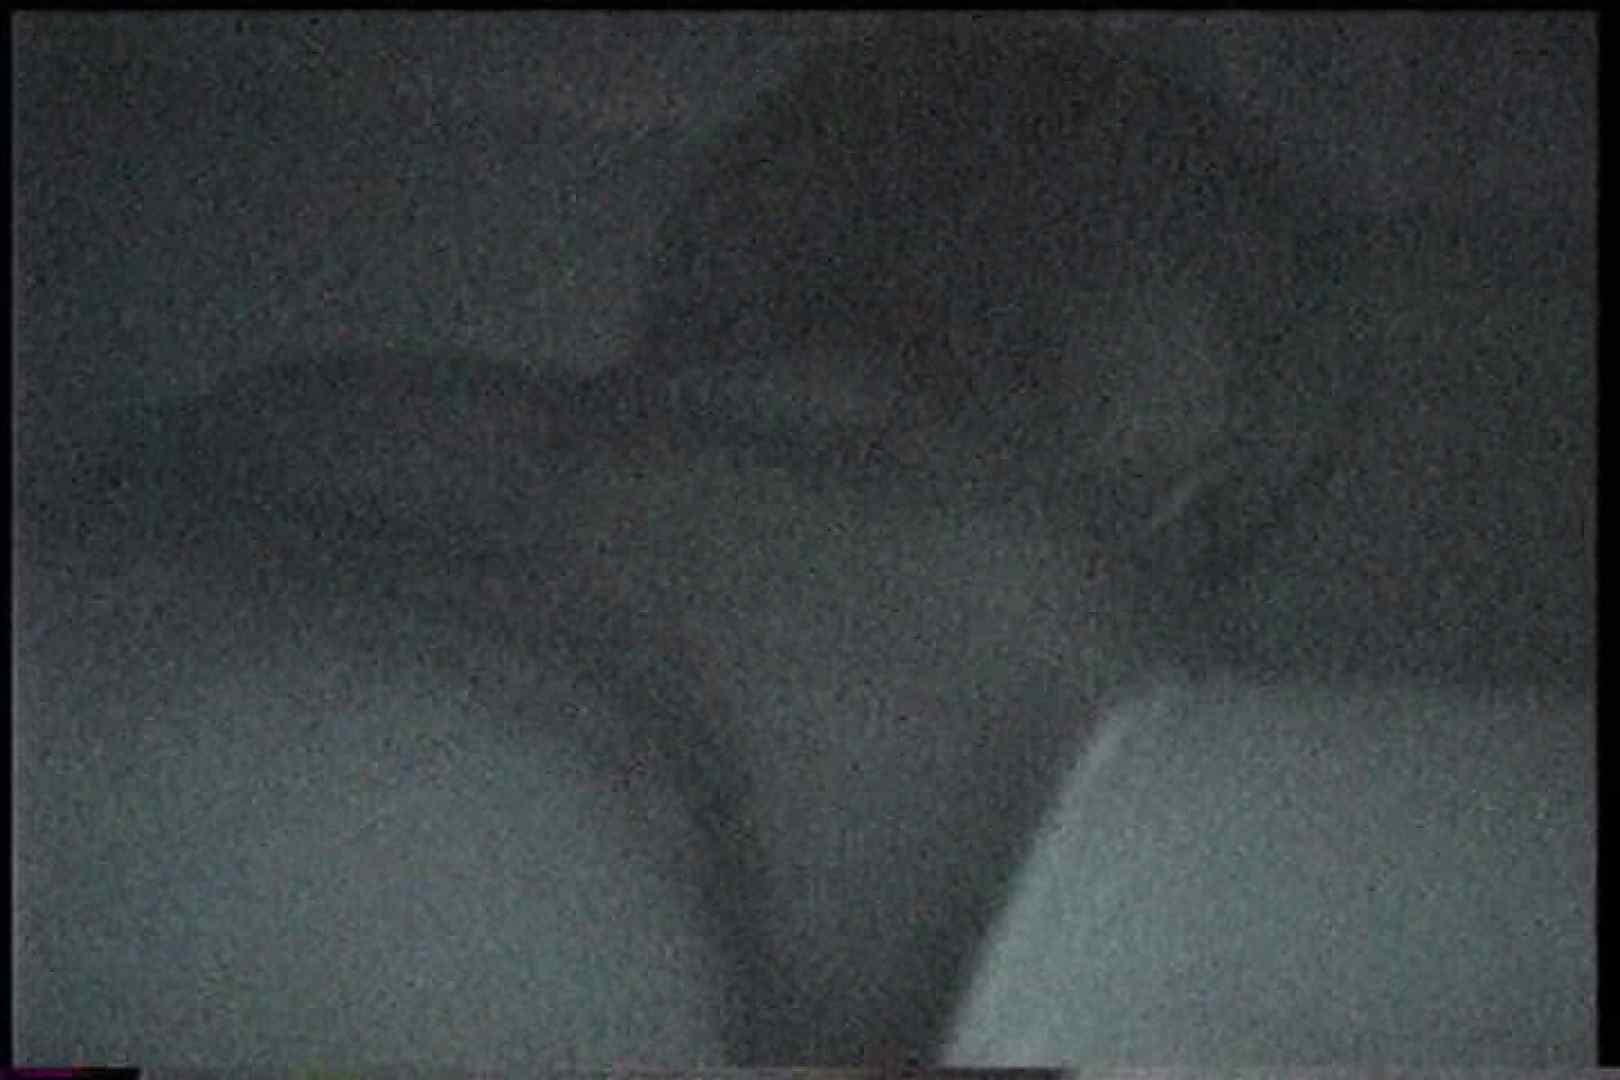 充血監督の深夜の運動会Vol.177 前編 エロティックなOL   カップル盗撮  88画像 33